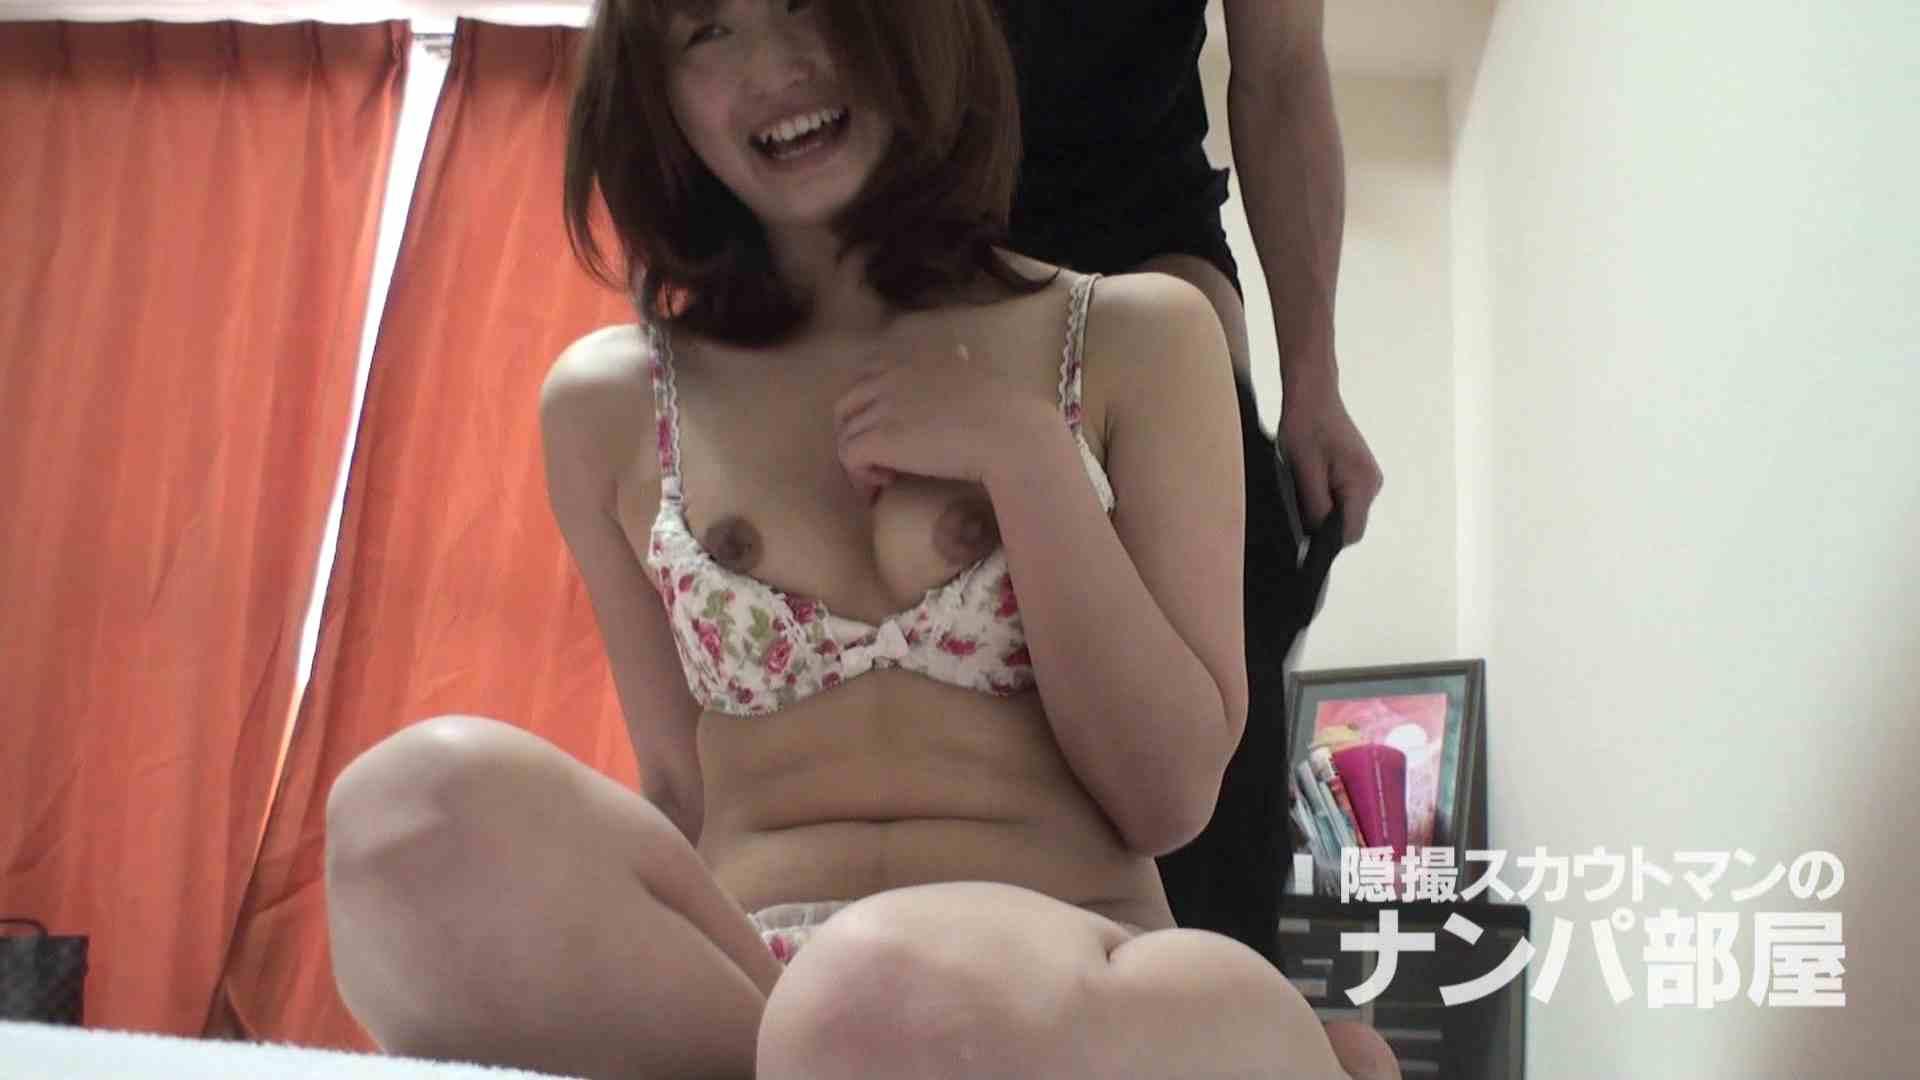 隠撮スカウトマンのナンパ部屋~風俗デビュー前のつまみ食い~ siivol.2 ナンパ 女性器鑑賞 75pic 51